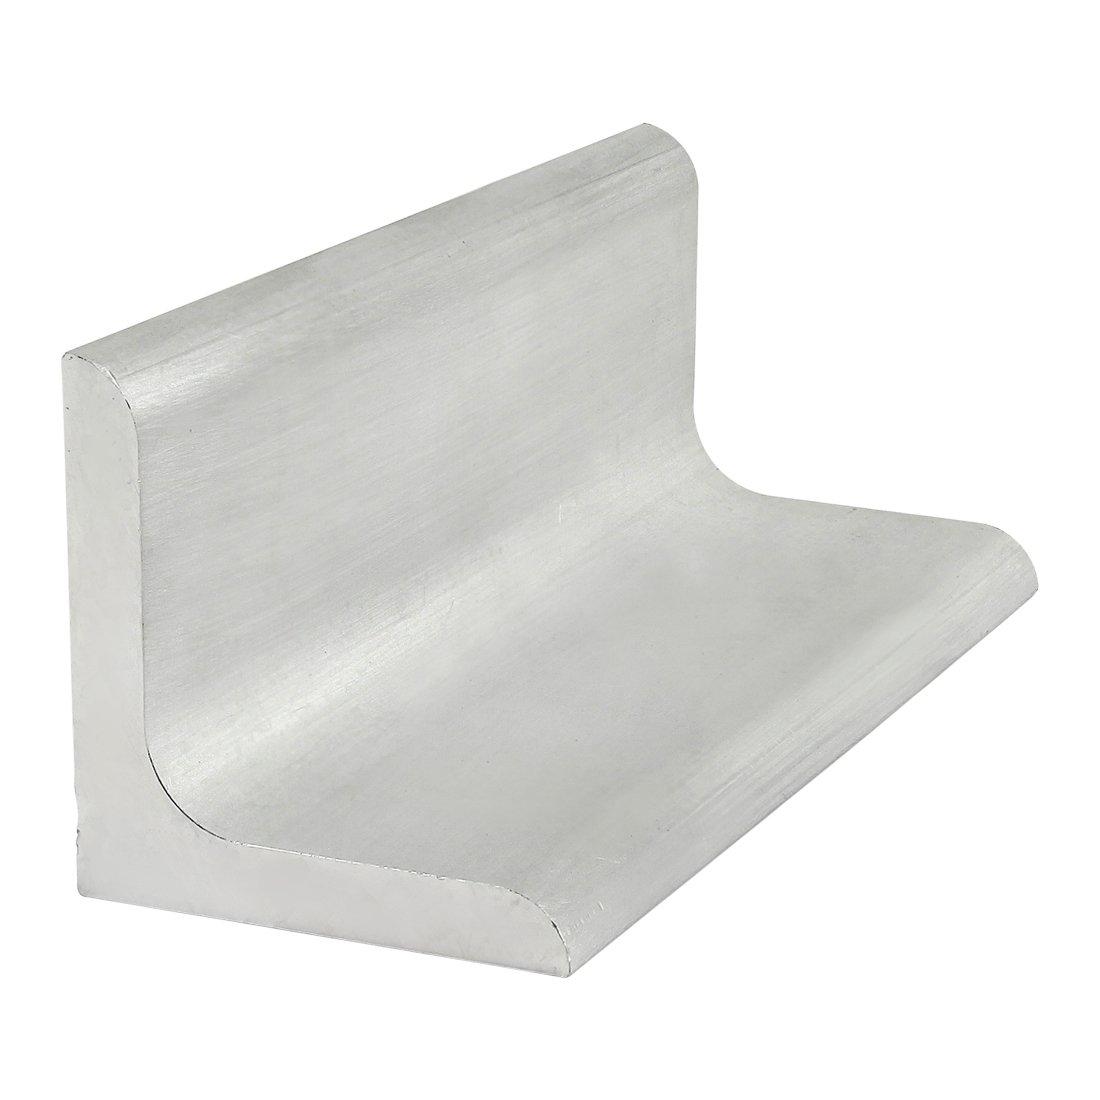 80//20 Inc  45mm x 45mm x 6mm Aluminum Angle Profile 45-8221 x 1830mm Long N